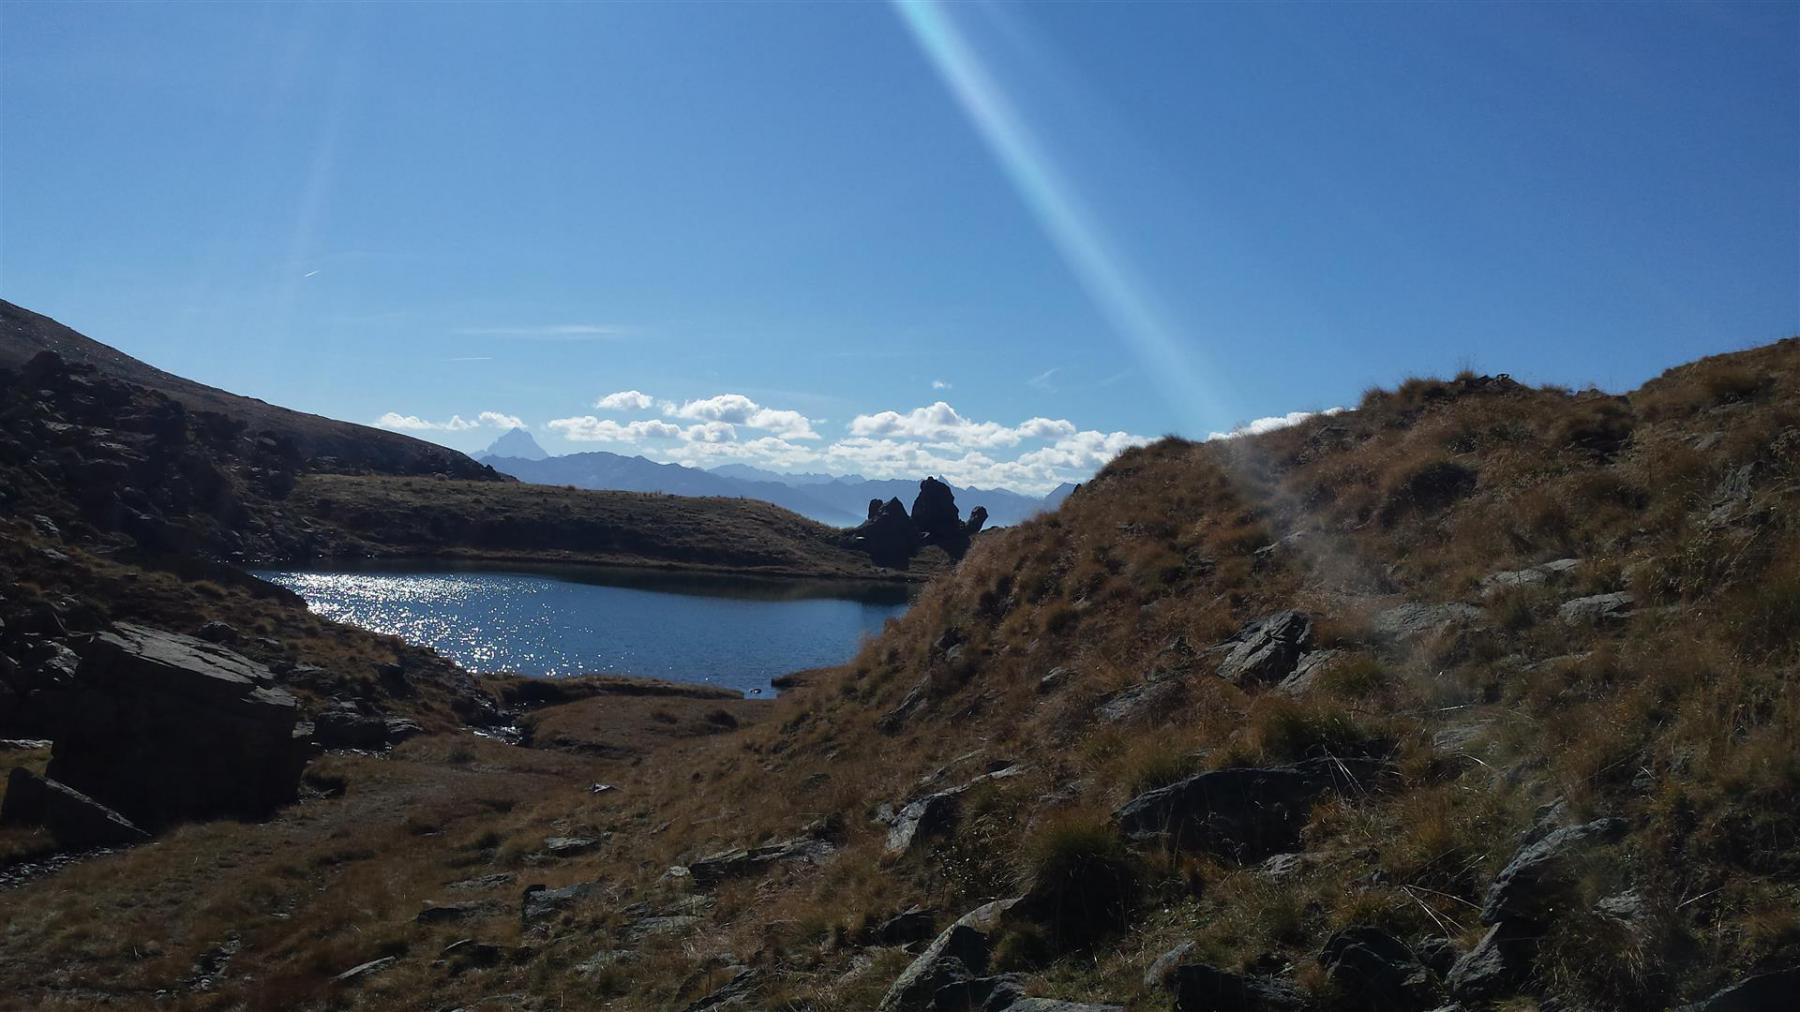 il lago La Manica